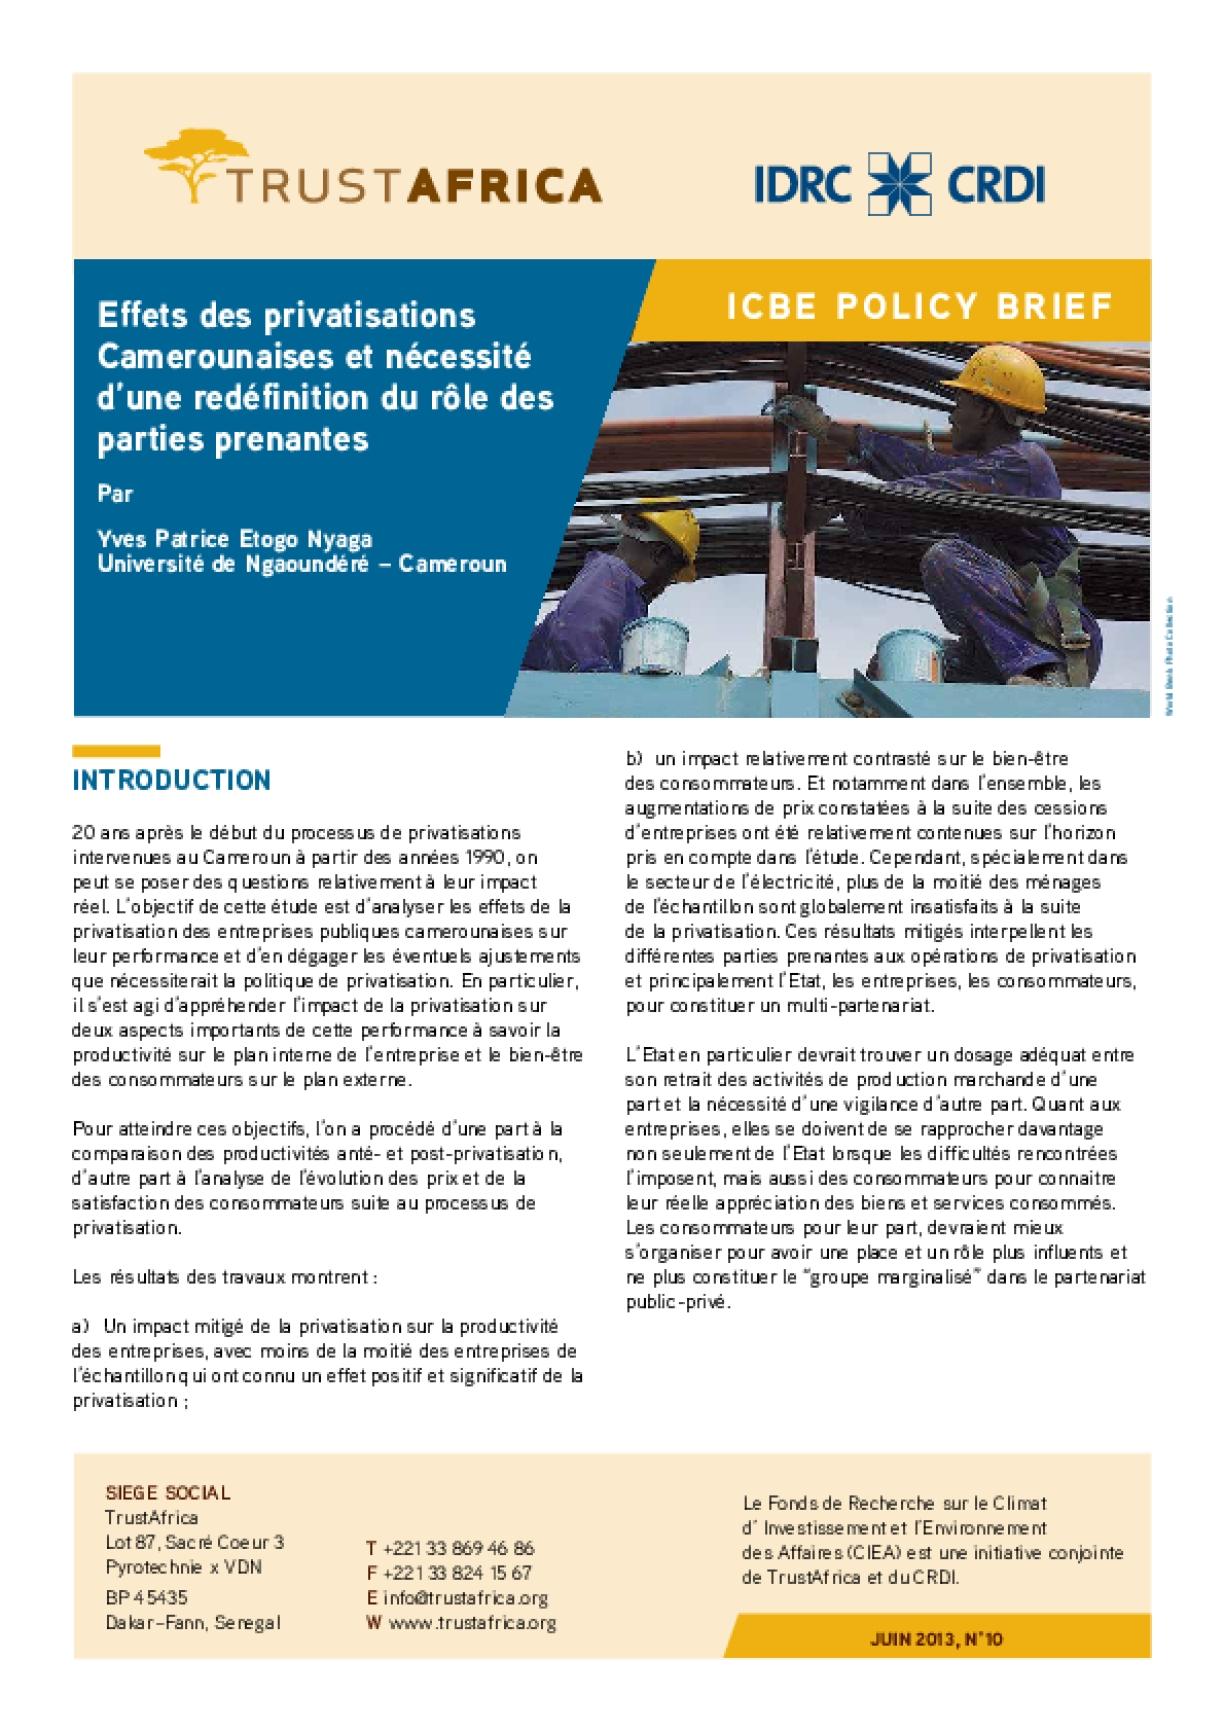 Effets Des Privatisations Camerounaises Et Nécessité D'une Redéfinition Du Rôle Des Parties Prenantes